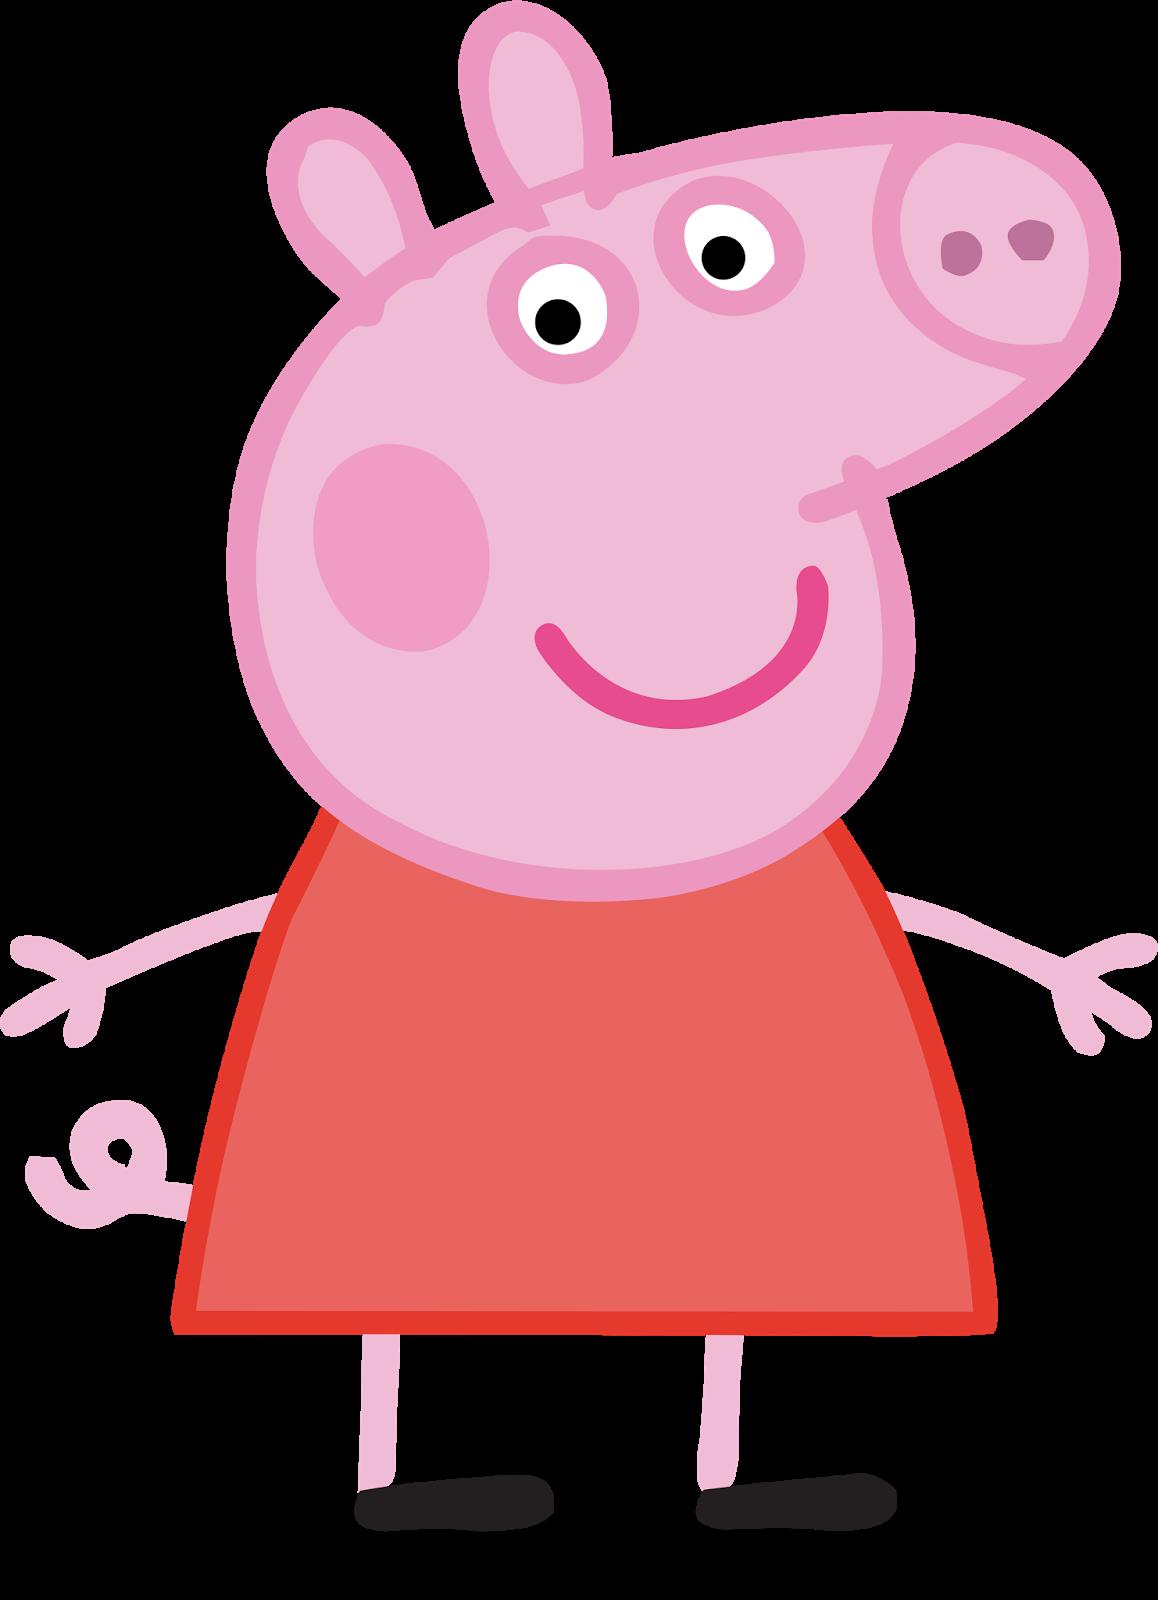 Canal pago tenta emplacar nova Peppa Pig com desenho de bebês roqueiros ·  Notícias da TV